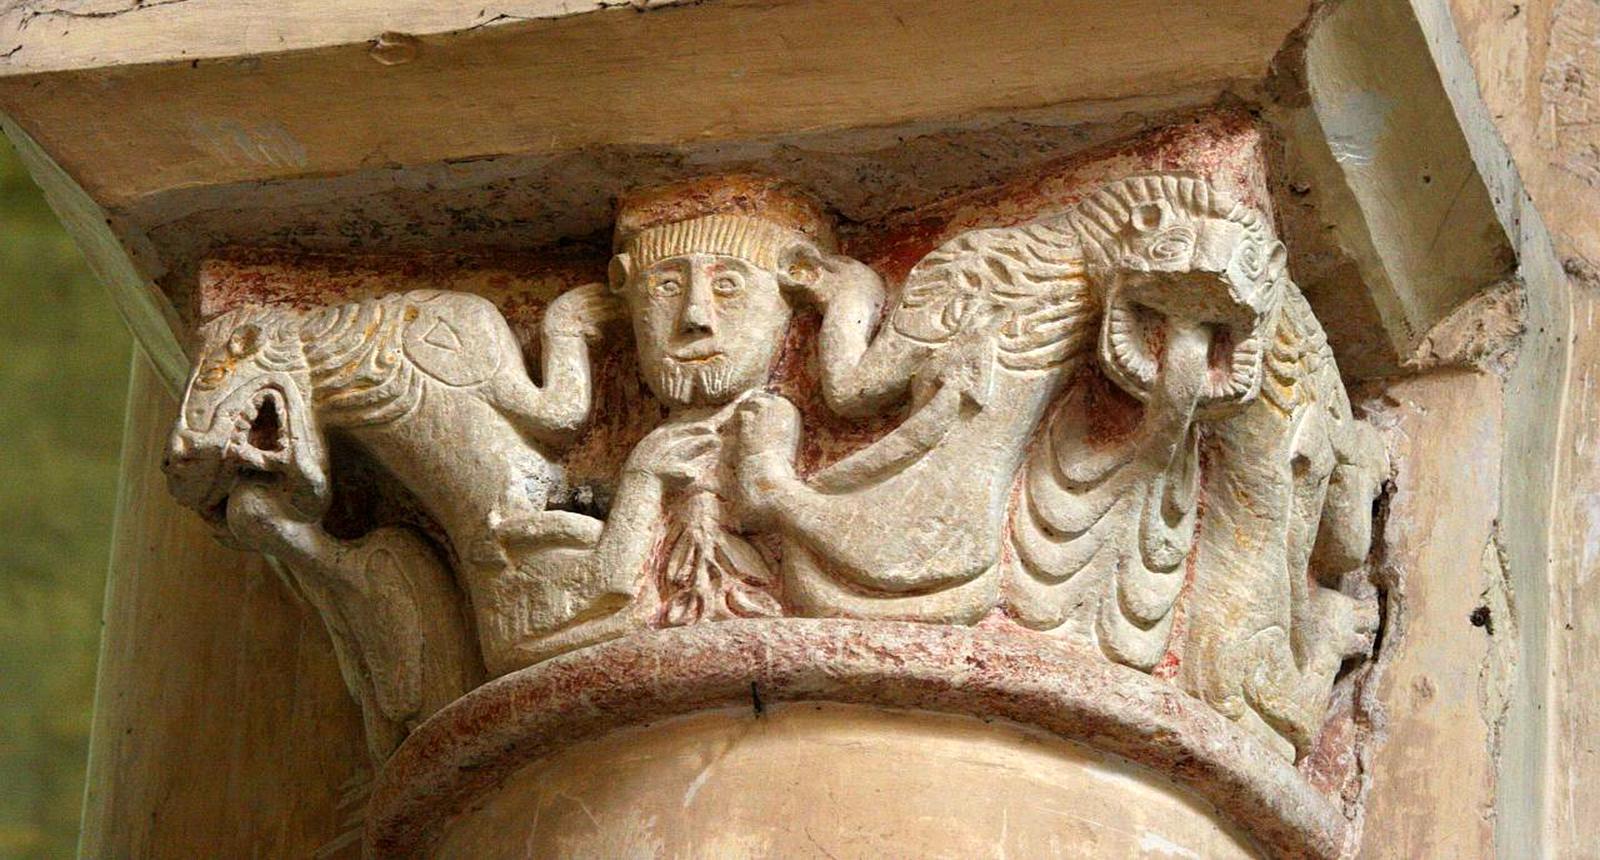 Chapiteau de l'église Saint-Hilaire-le-Grand, Poitiers